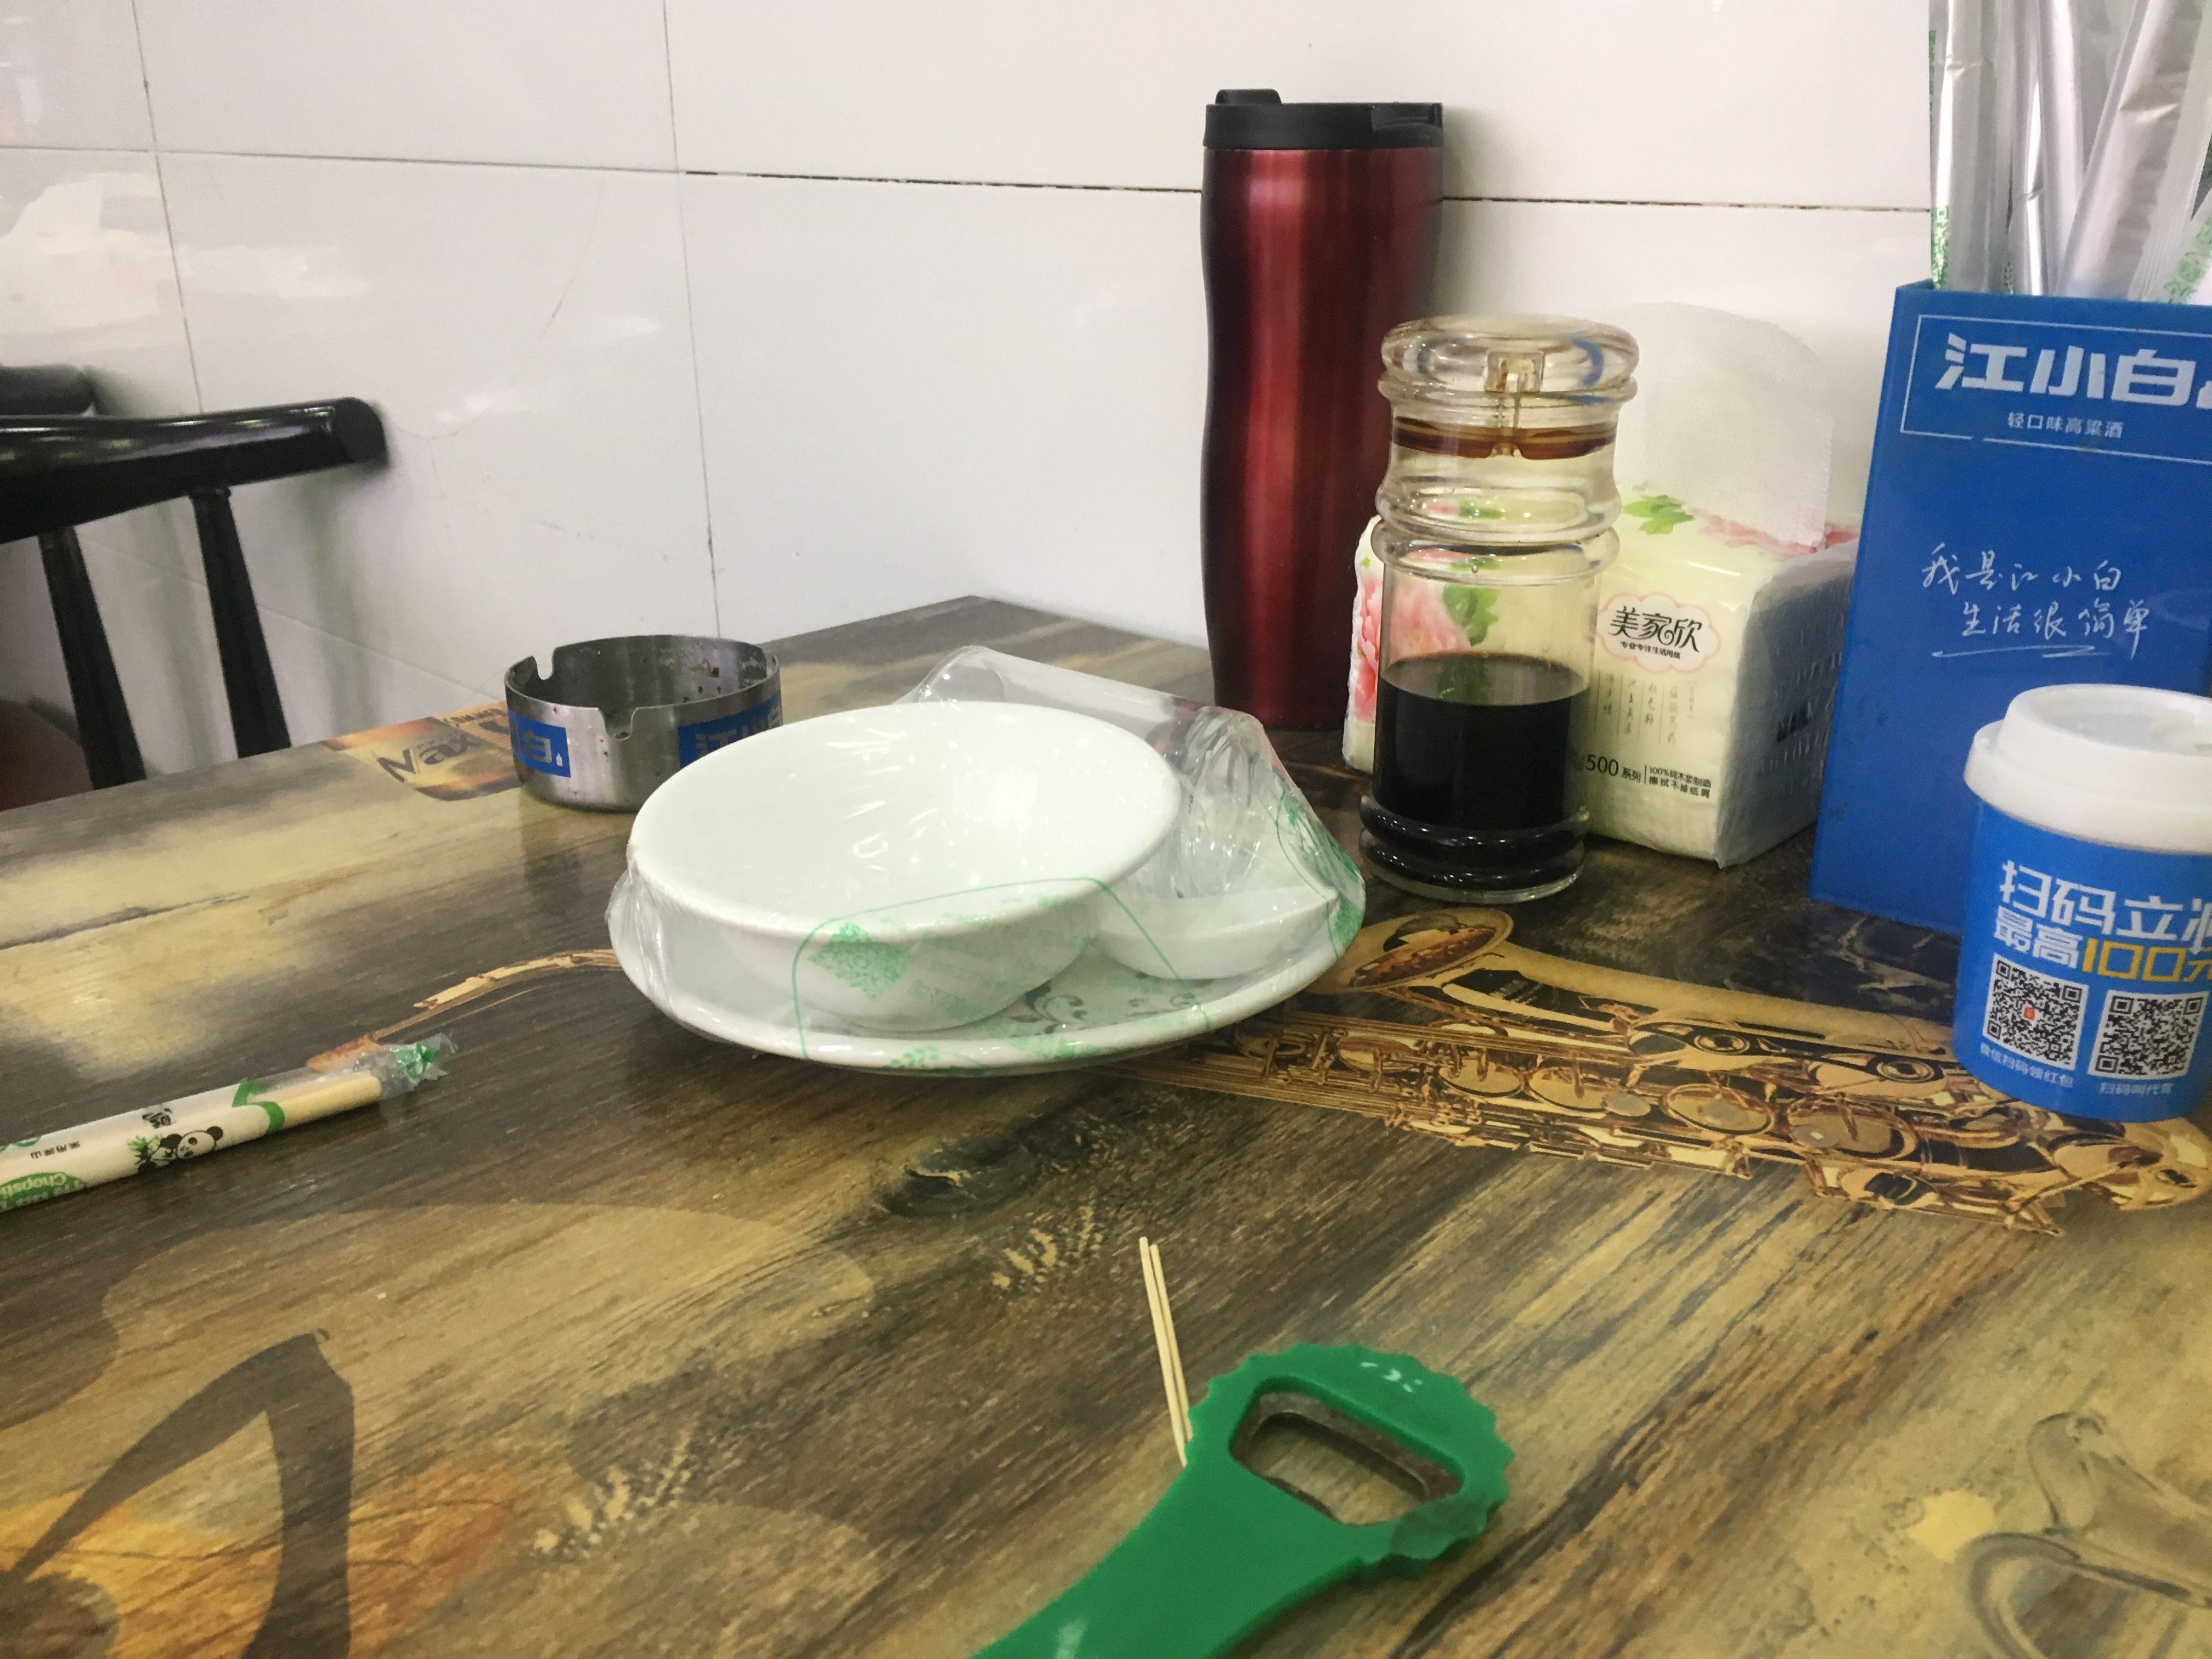 Plastic sealed crockery at Ningbo cafe